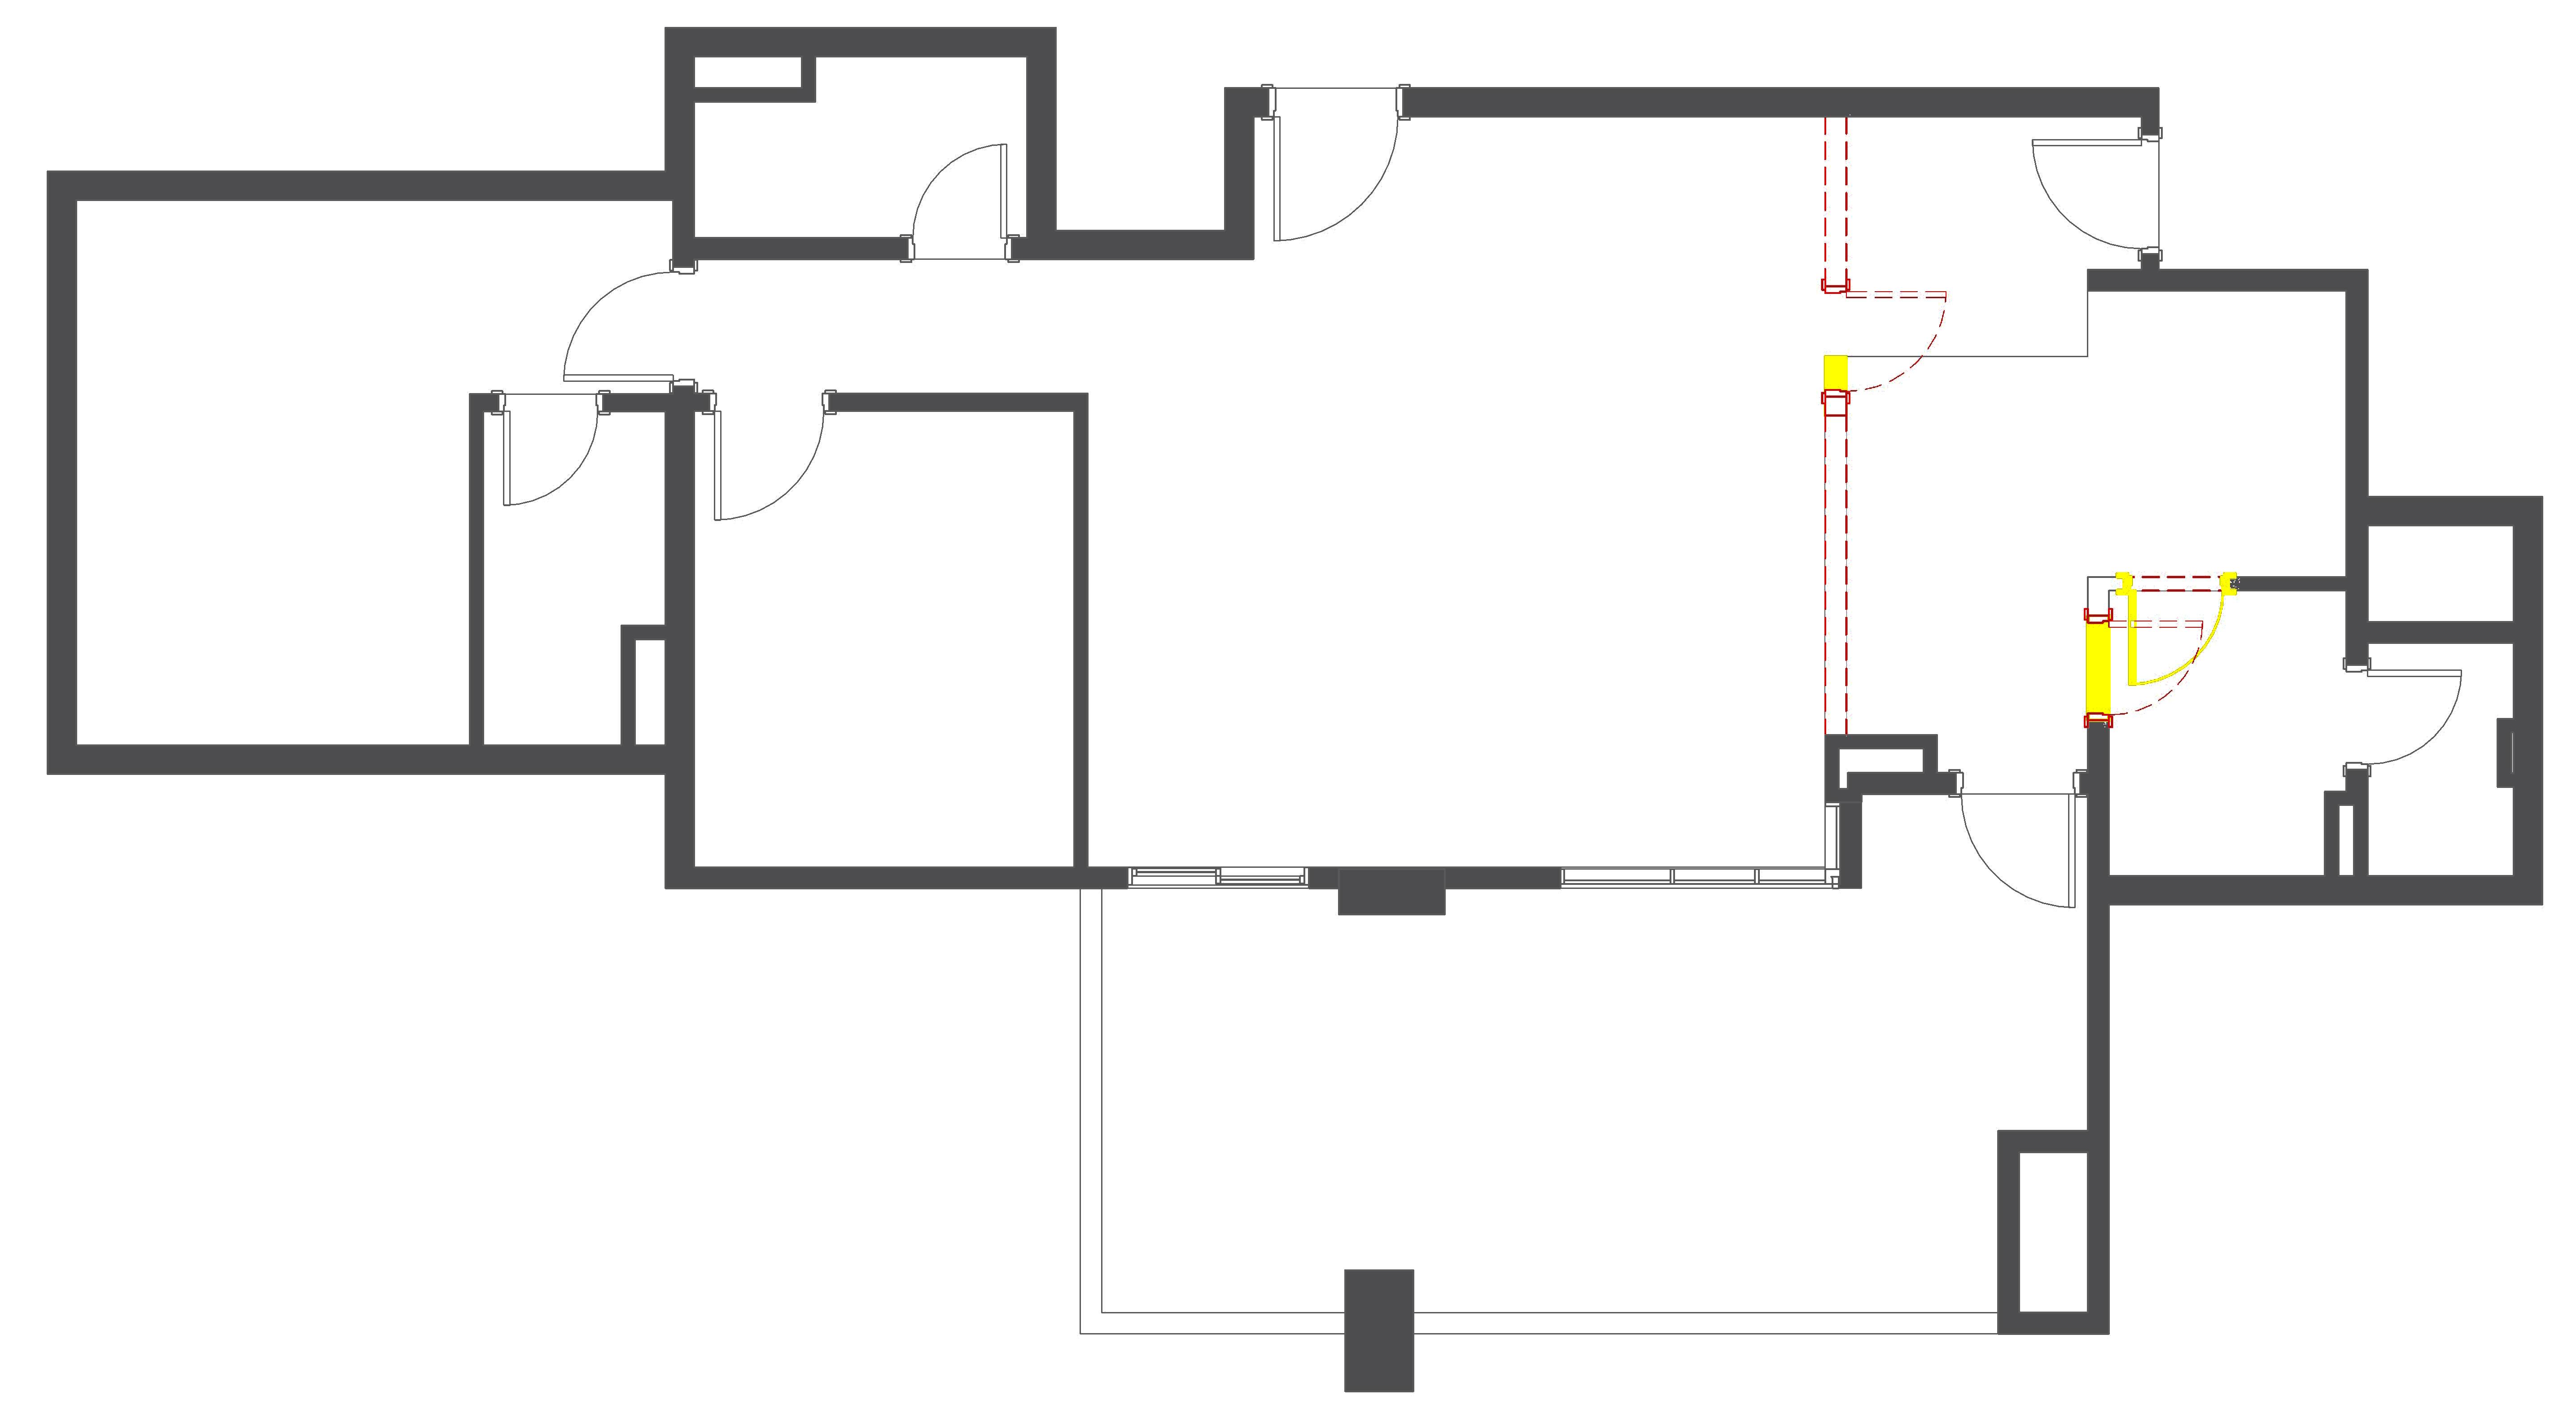 apartamento-203-demolicao-e-construcao